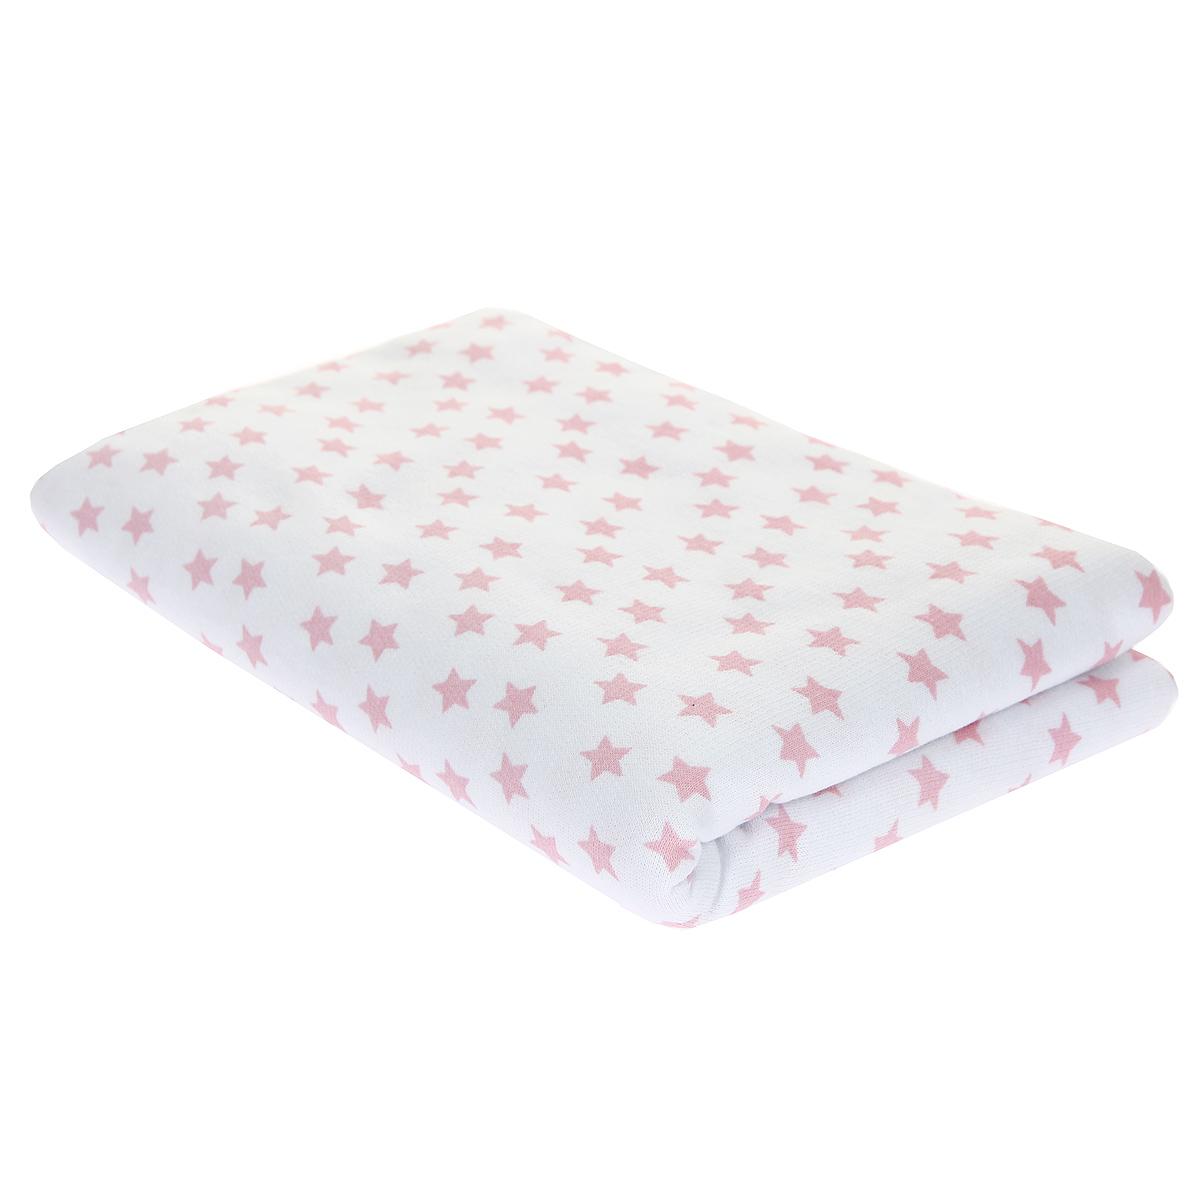 Пеленка детская Трон-Плюс, цвет: белый, розовый, 120 см х 90 см5411 роз звезДетская пеленка Трон-Плюс подходит для пеленания ребенка с самого рождения. Она невероятно мягкая и нежная на ощупь. Пеленка выполнена из футера - хлопчатобумажной ткани с небольшим начесом с изнаночной стороны. Такая ткань прекрасно дышит, она гипоаллергенна, обладает повышенными теплоизоляционными свойствами и не теряет формы после стирки. Мягкая ткань укутывает малыша с необычайной нежностью. Пеленку также можно использовать как легкое одеяло в теплую погоду, простынку, полотенце после купания, накидку для кормления грудью или как согревающий компресс при коликах. Пеленочка белого цвета оформлена изображениями розовых звездочек. Ее размер подходит для пеленания даже крупного малыша.